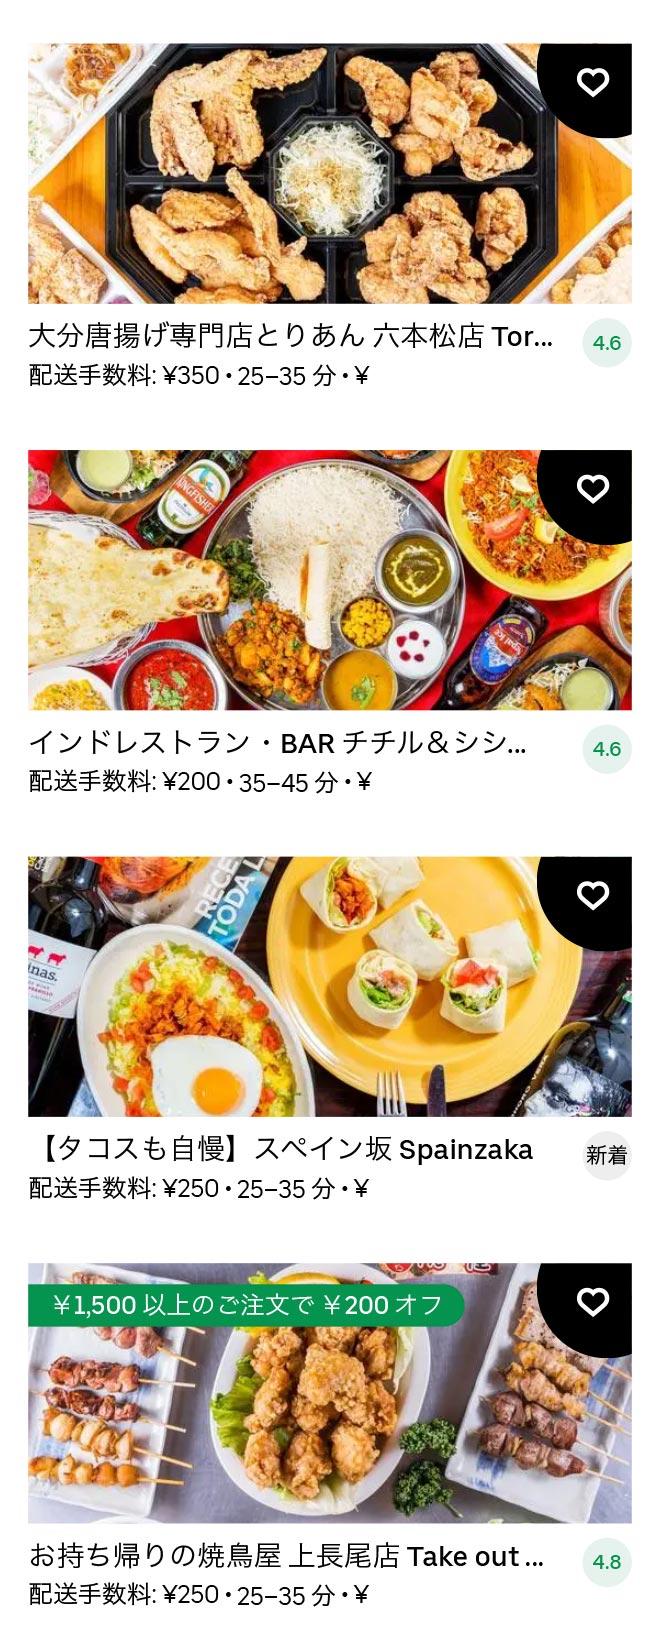 Nanakuma menu 2101 10